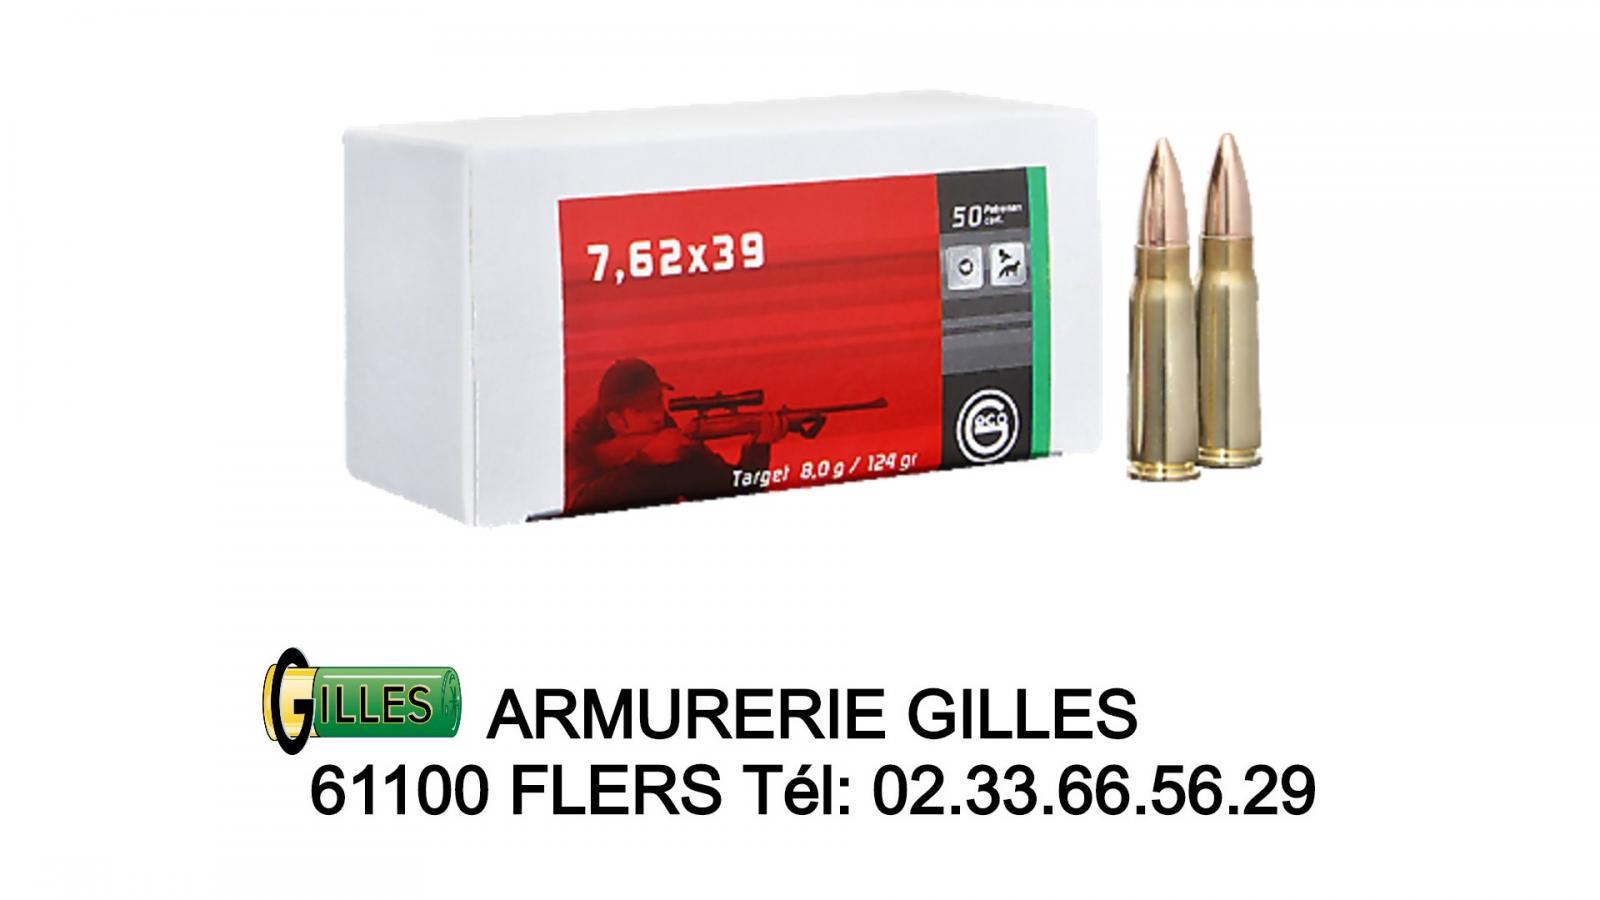 Cartouches GECO Cal. 7,62x39 FMJ 124grs Boite de 50